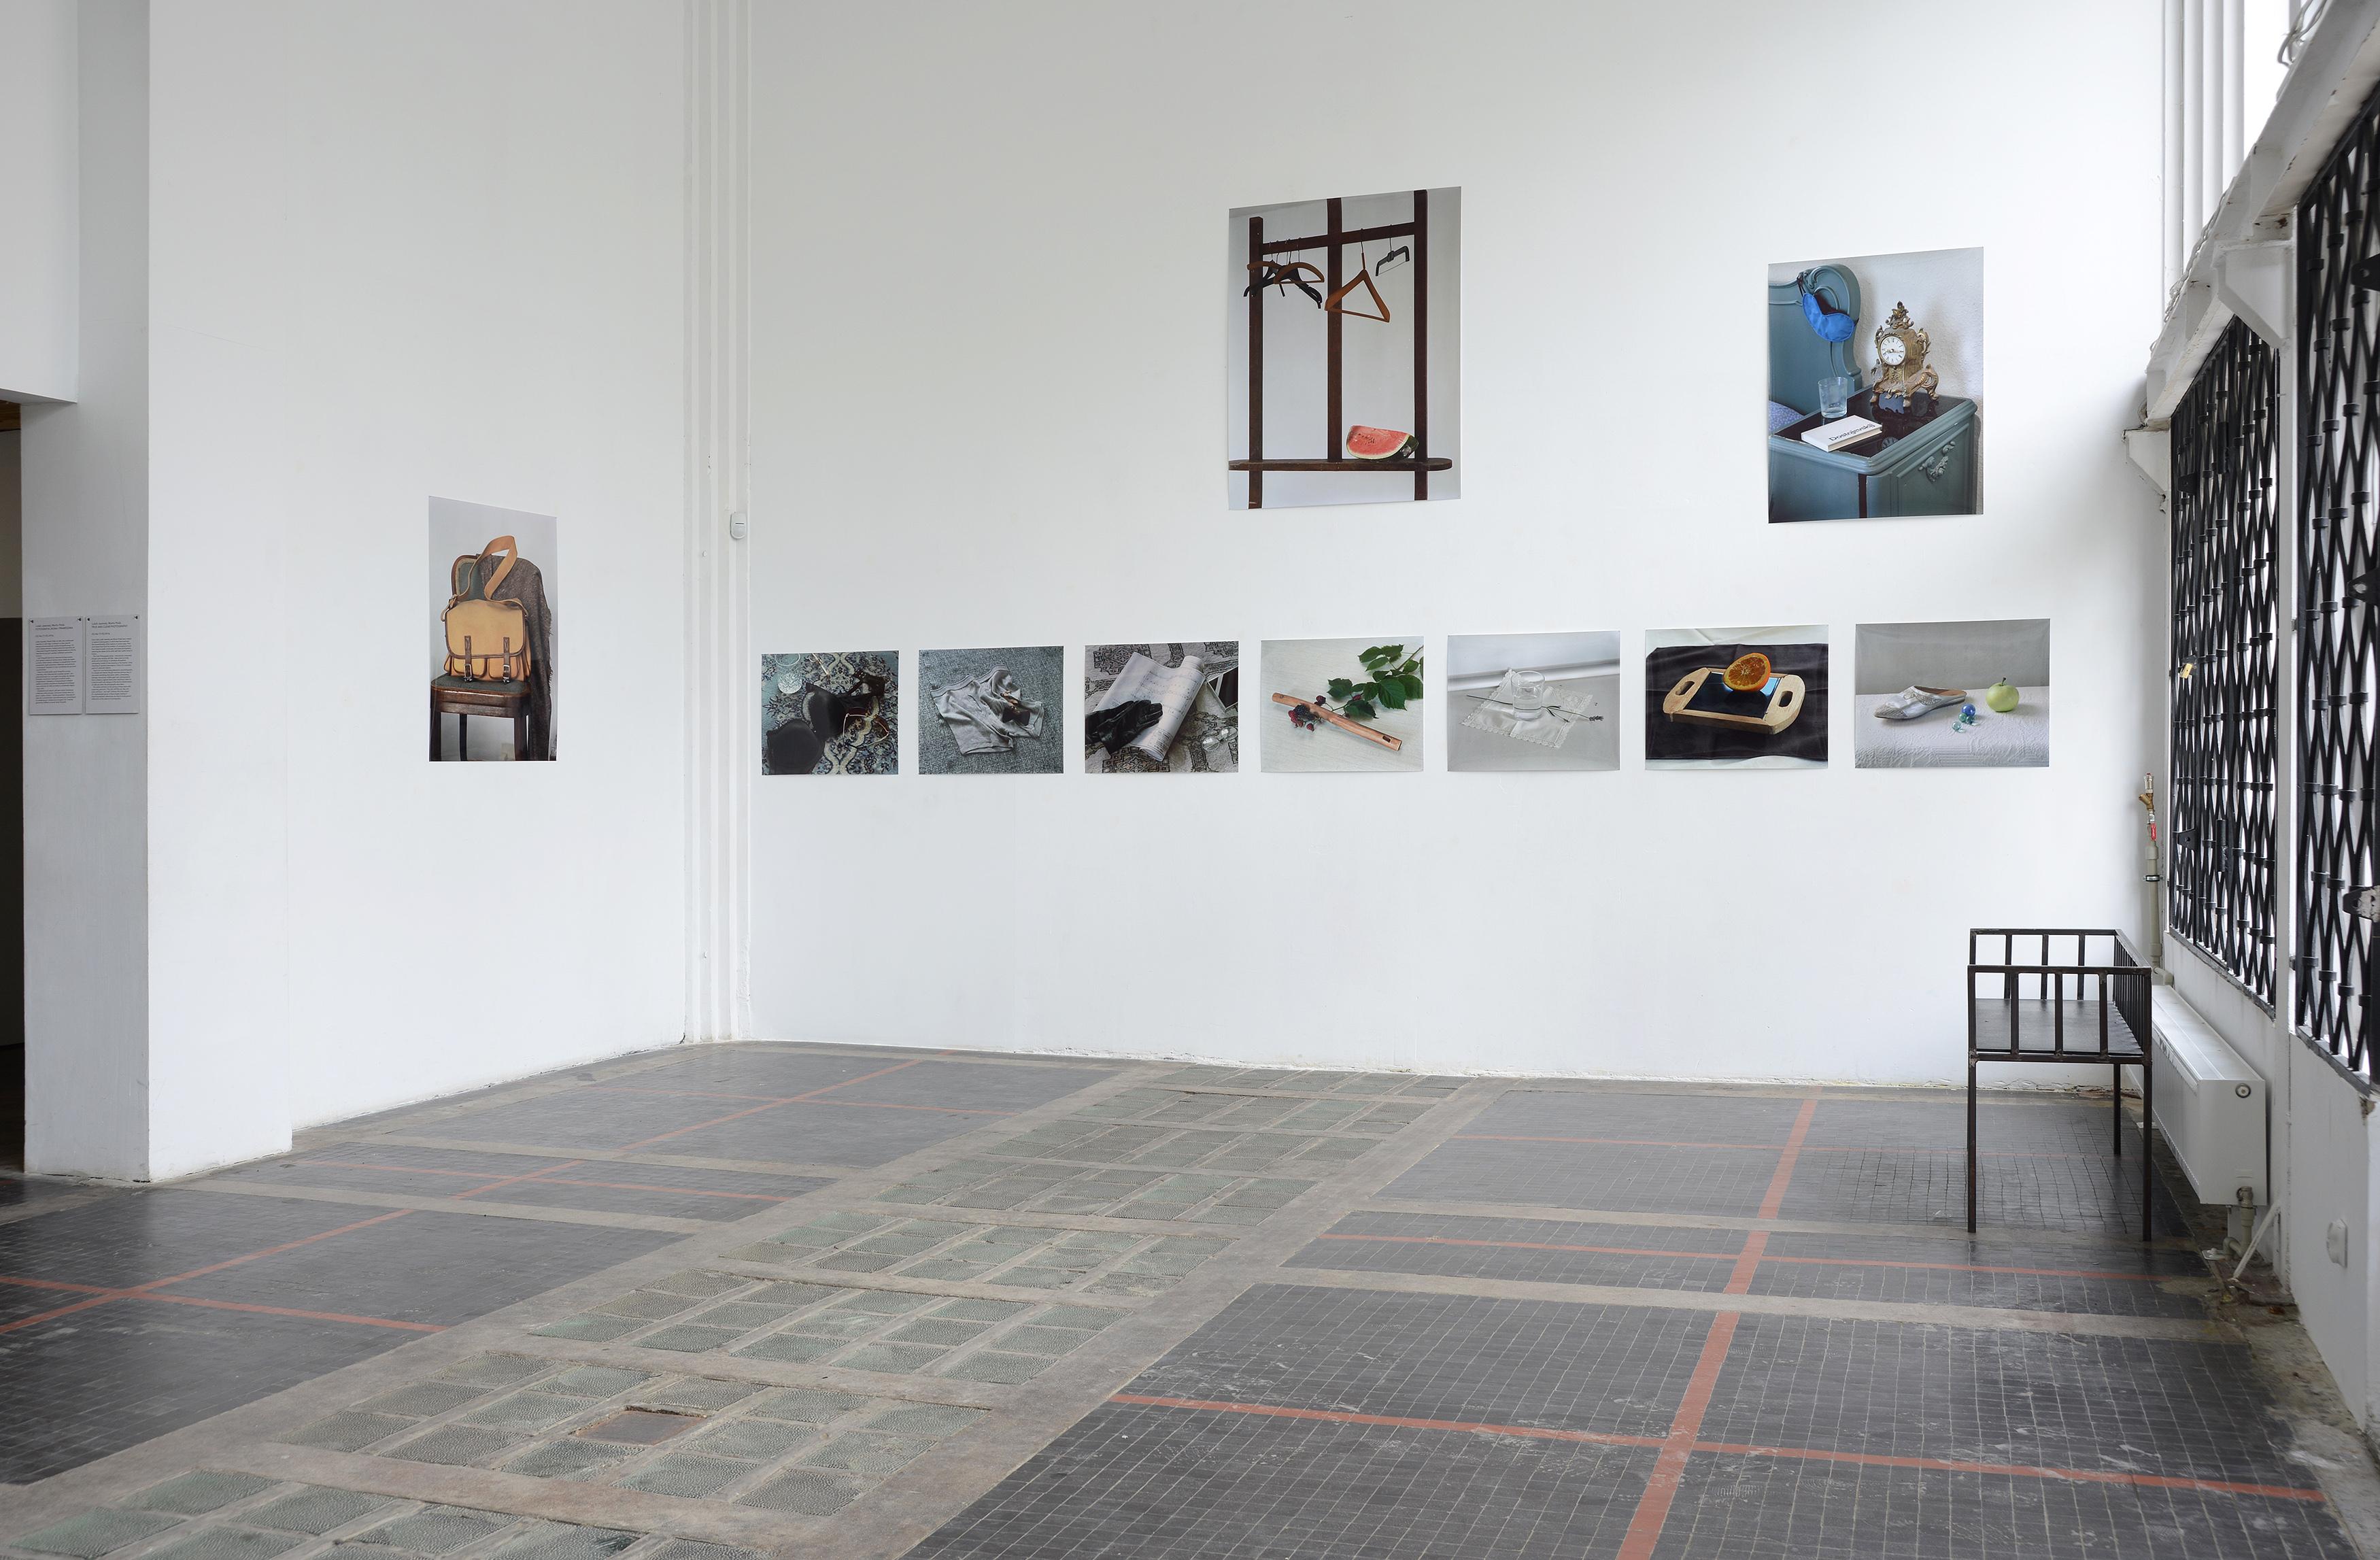 """Lukáš Jasanský iMartin Polák, seria """"Fotografia barwna"""", 2010, druk lambda napapierze Kodak Endura, 21 fotografii, różne wymiary, dzięki uprzejmości galerii Raster"""